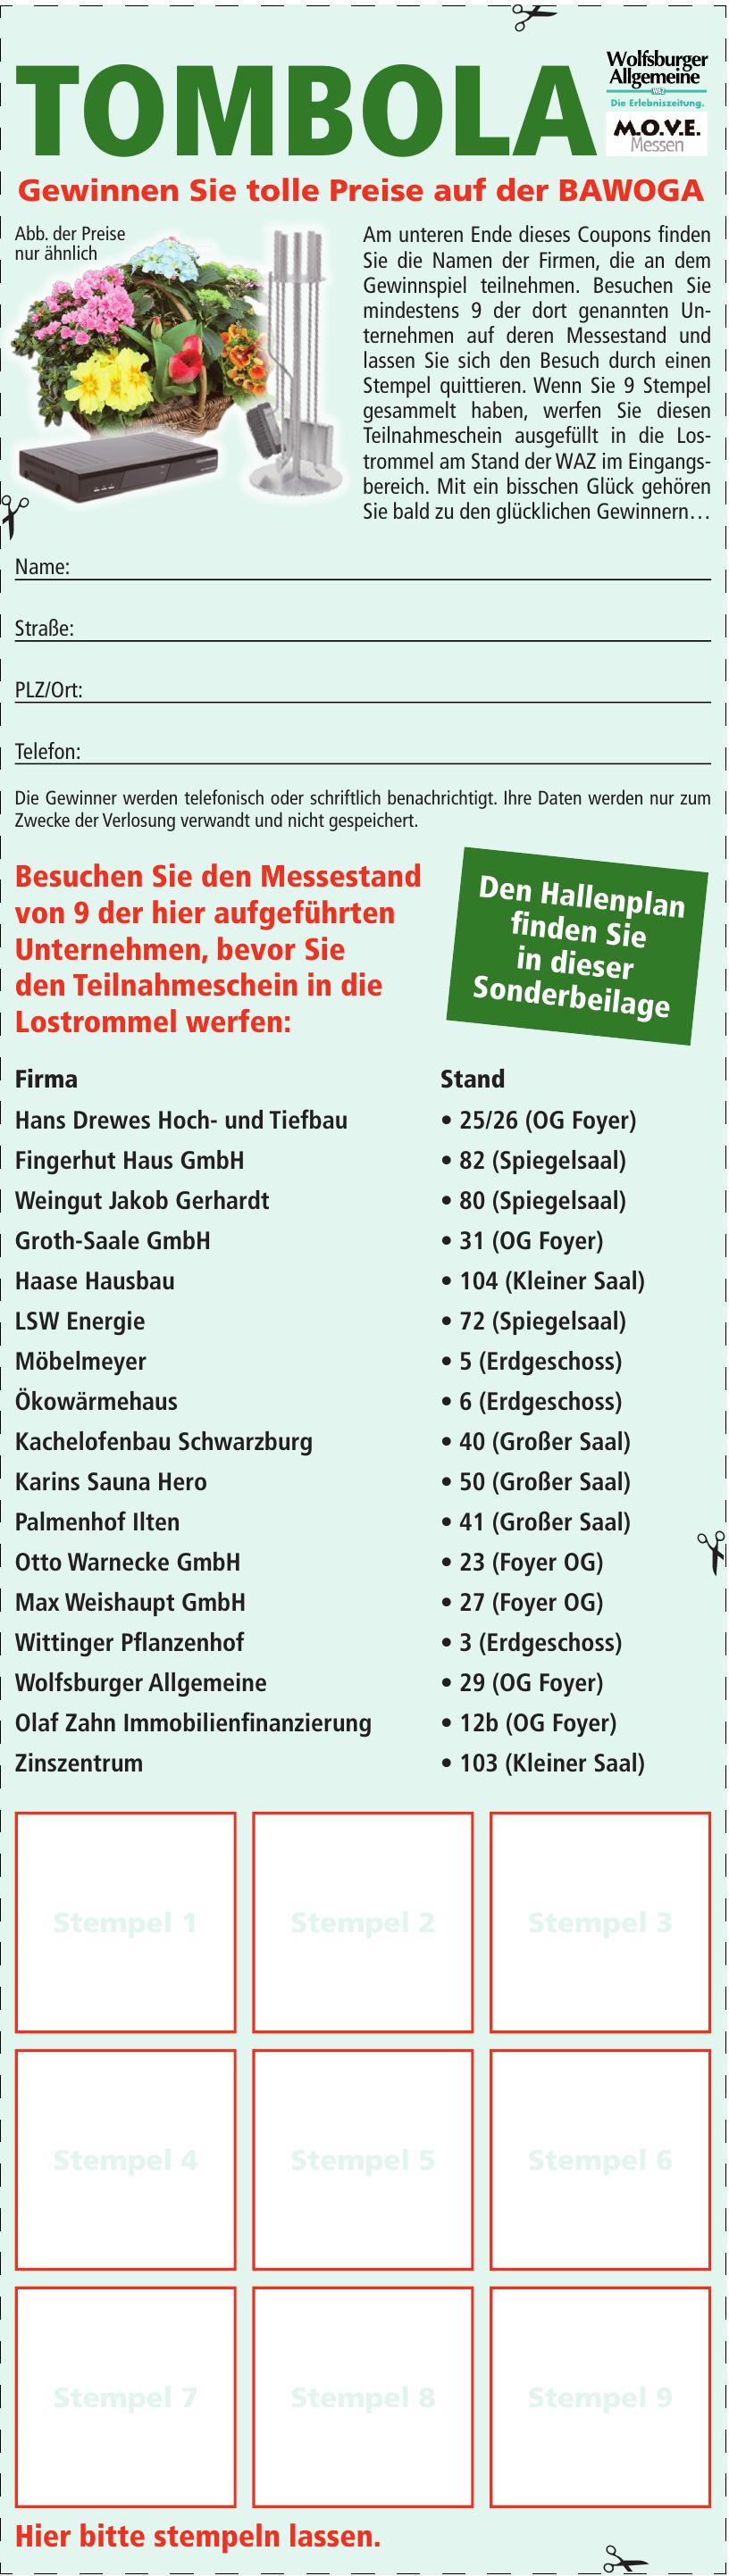 Wolsburger Allgemeine